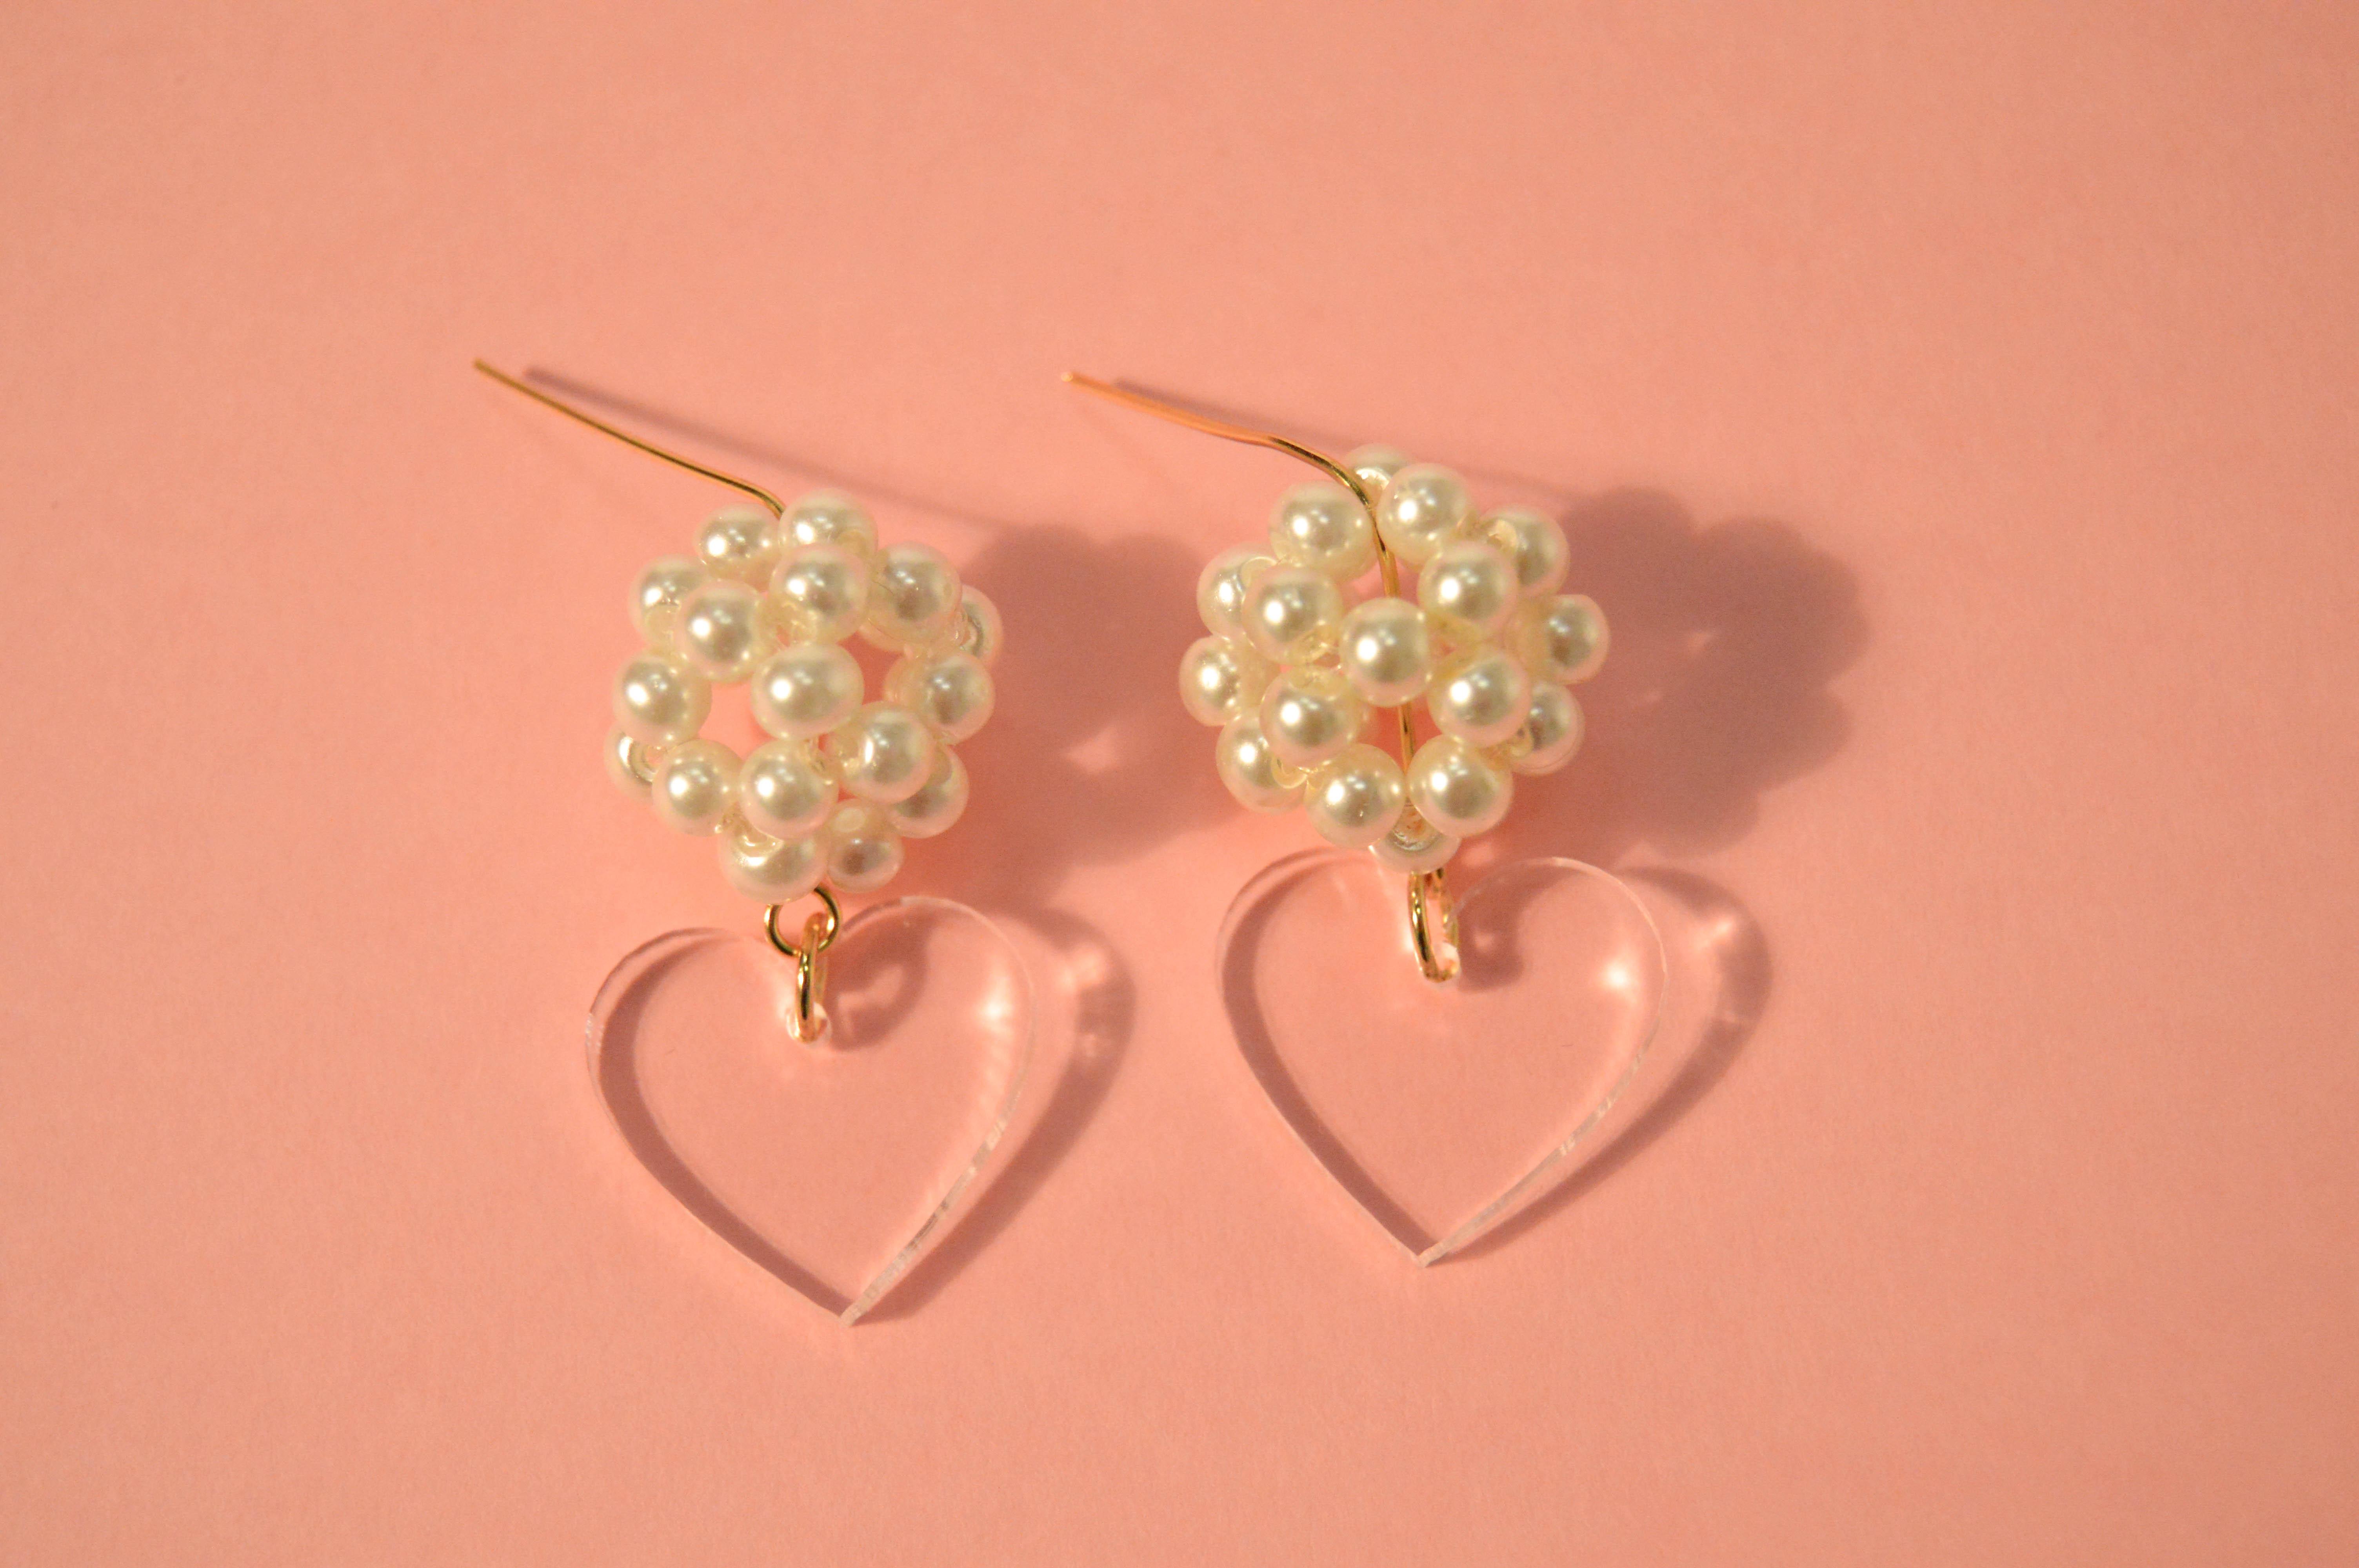 Boucles d'oreilles Lisa Transparente - KITX Laboratoire d'excentricité